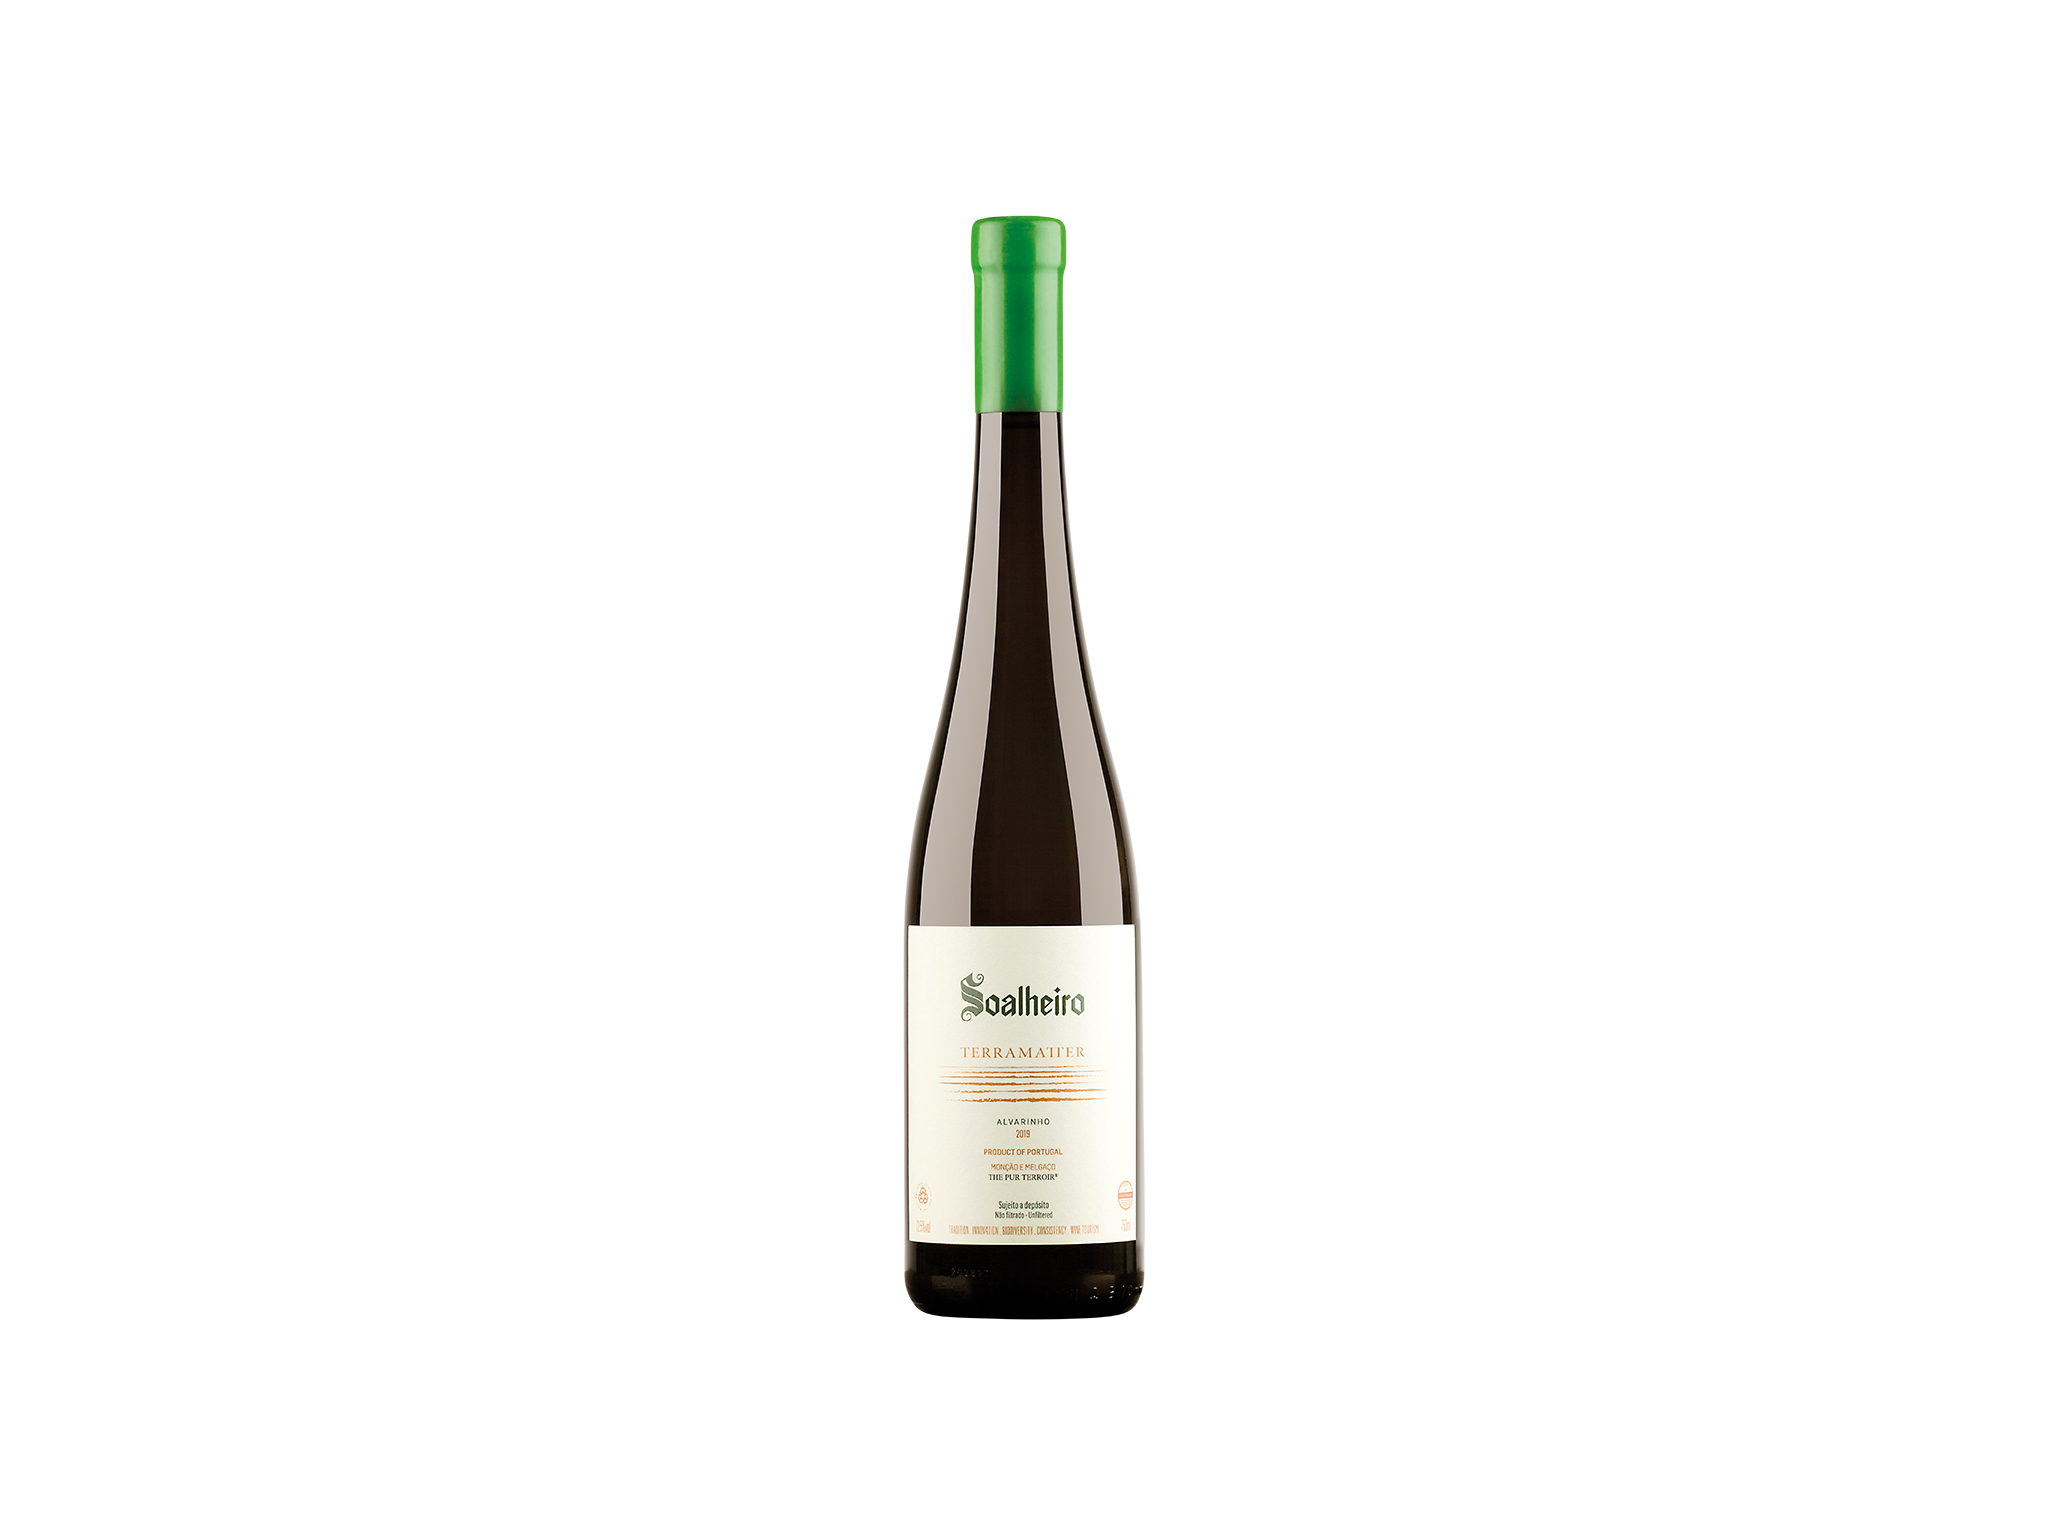 Vinhos, Soalheiro Terramatter Branco 2019, Vinho Verde – Monção e Melgaço